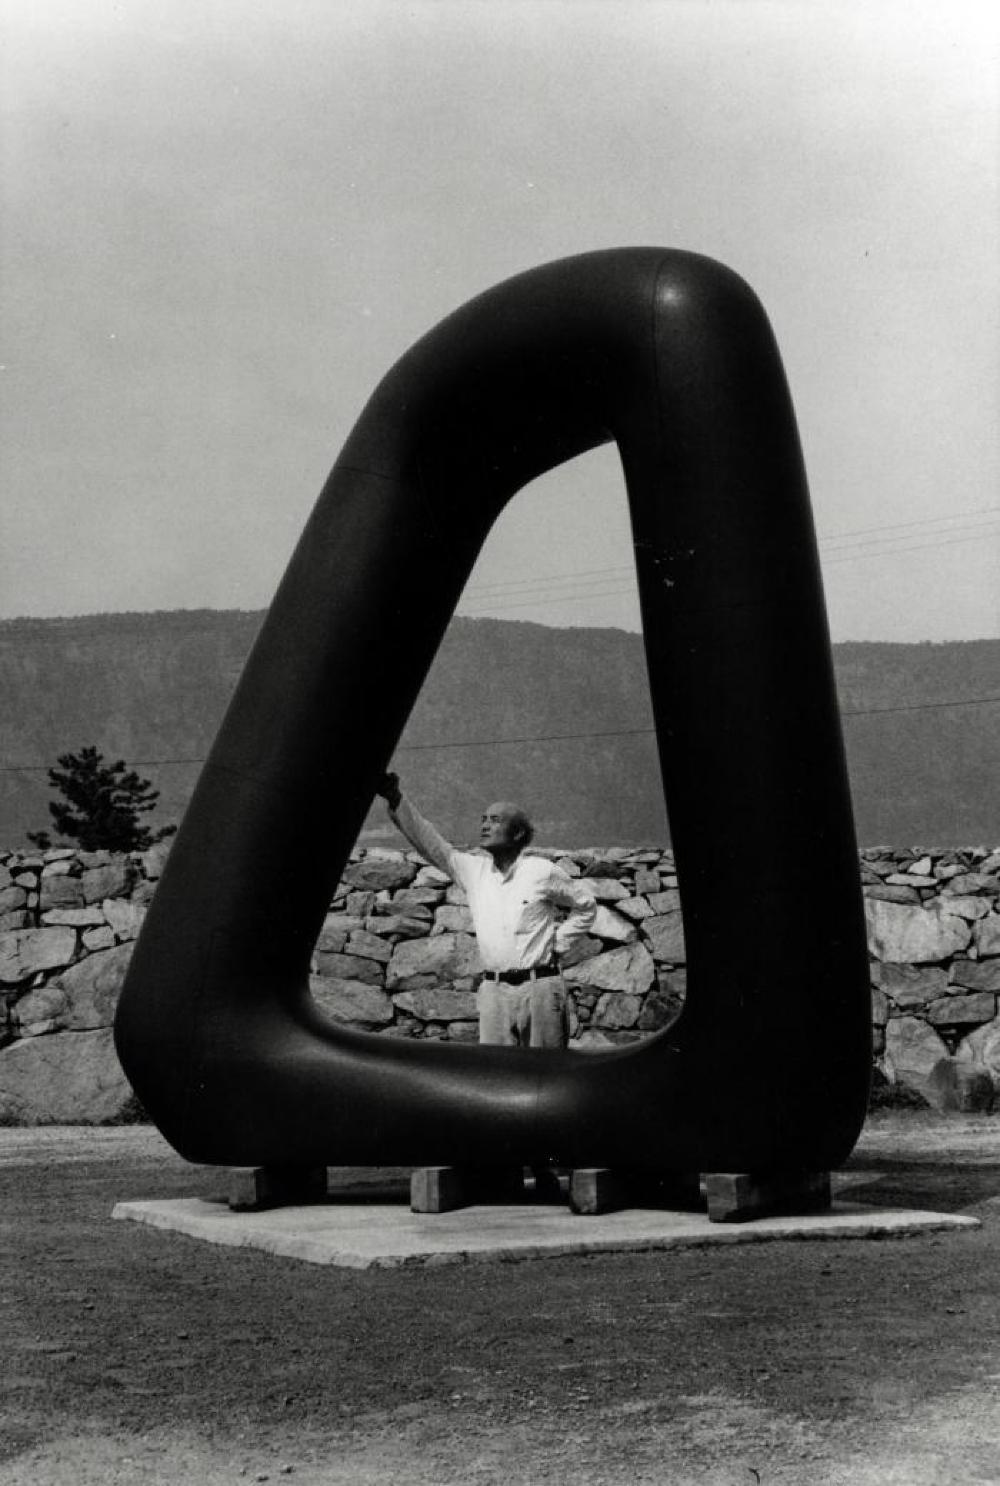 Isamu Noguchi with Energy Void